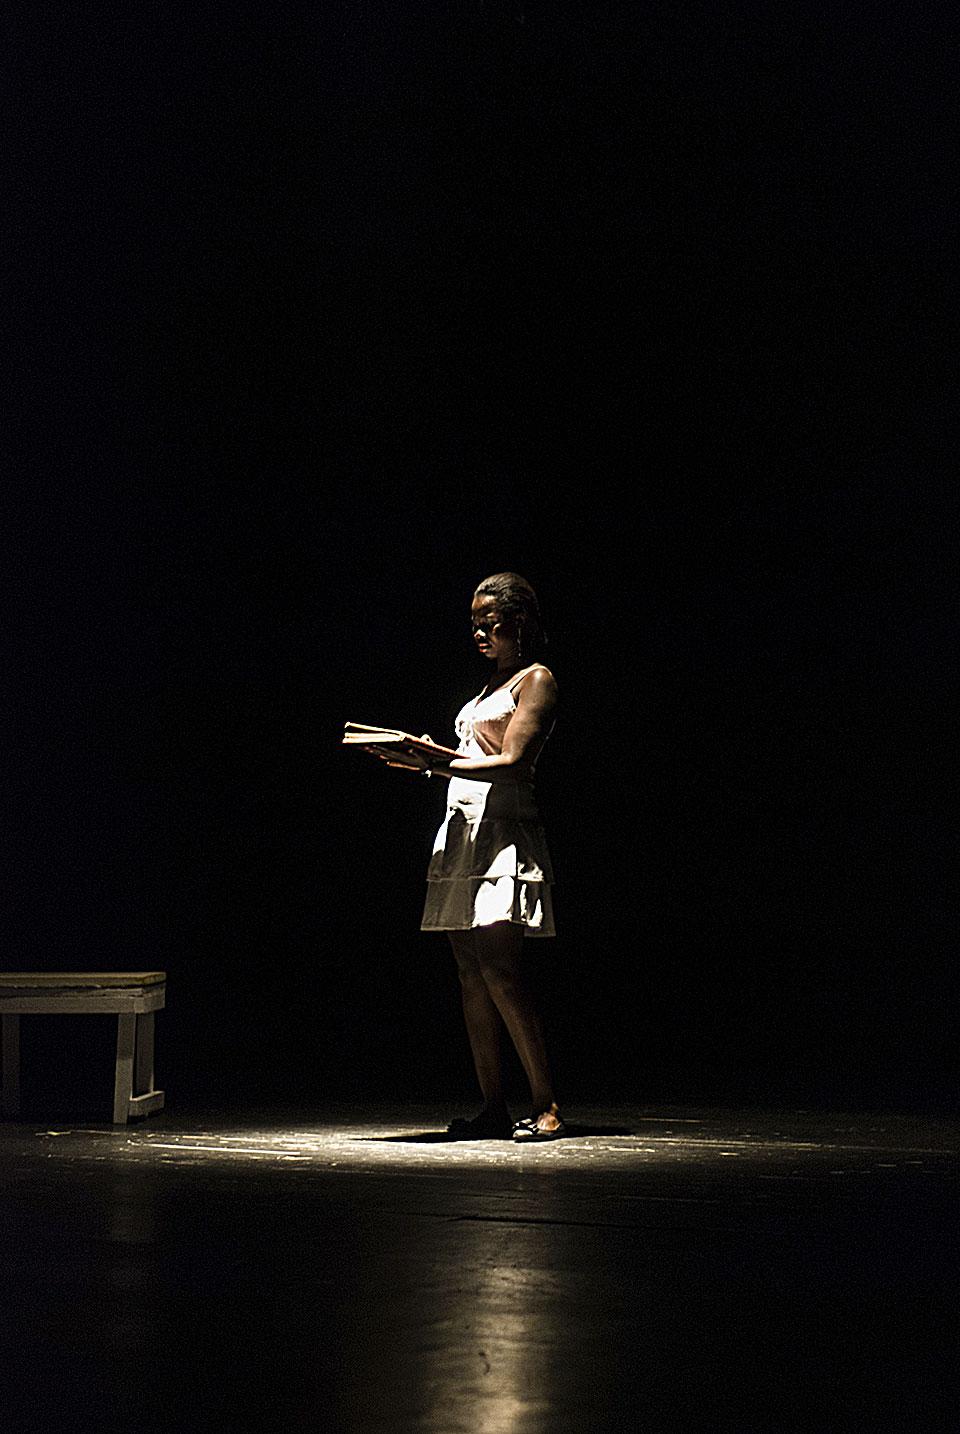 Teatro Monza 16-06-13 286-amore non e straniero-foto Marco Soldo